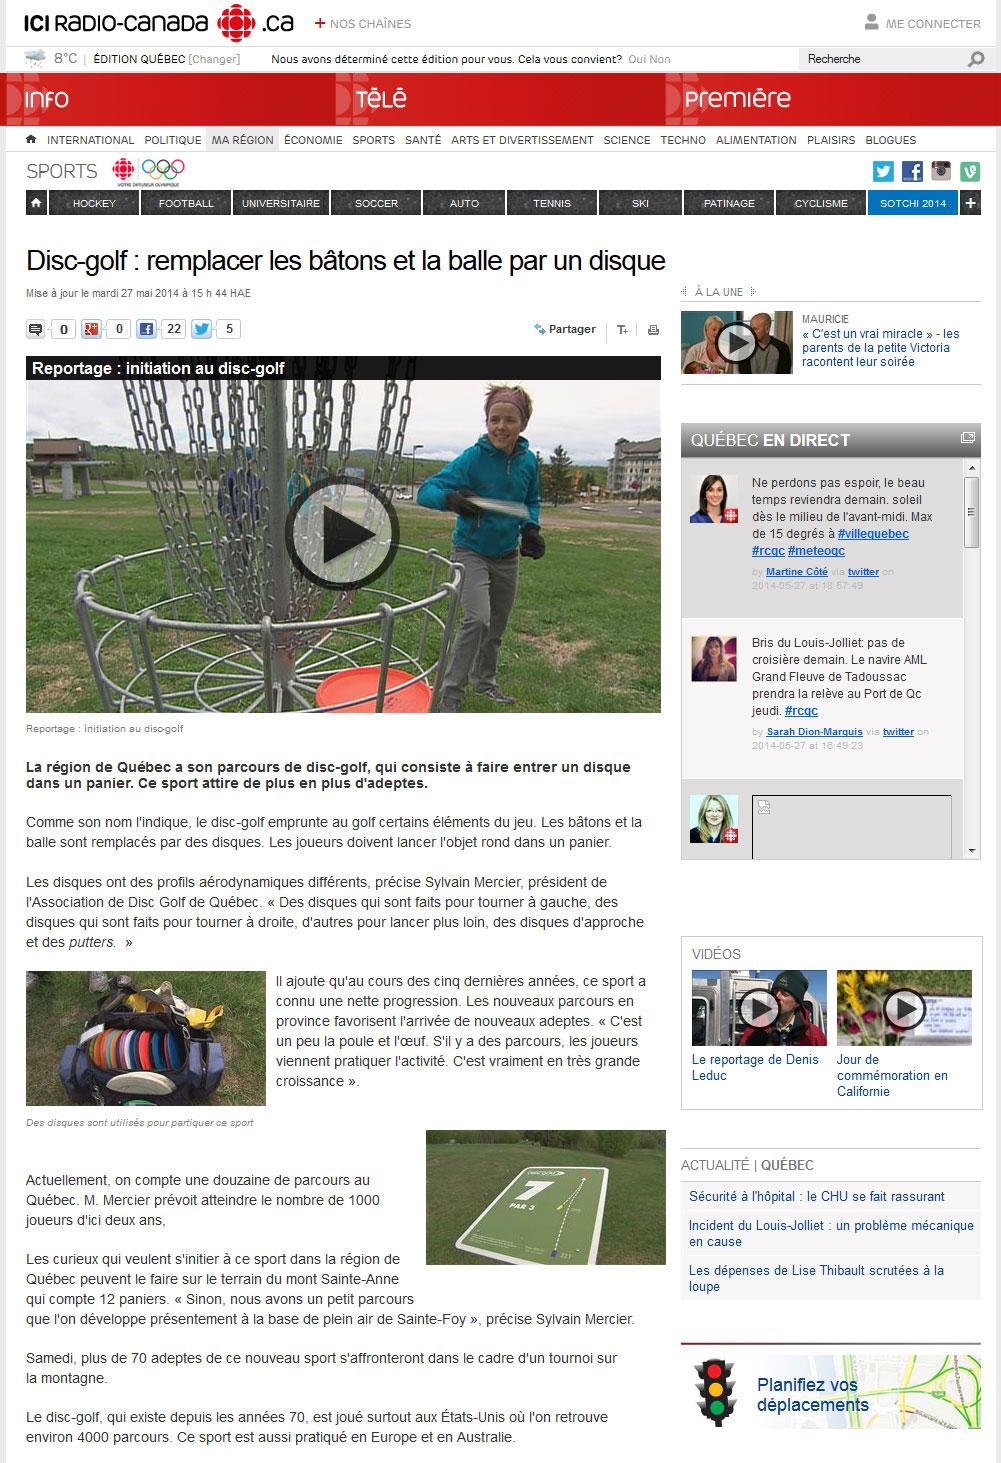 2014-05-27-disc-golf-remplacer-les-batons-et-la-balle-par-un-disque-Sports-Radio-Canada